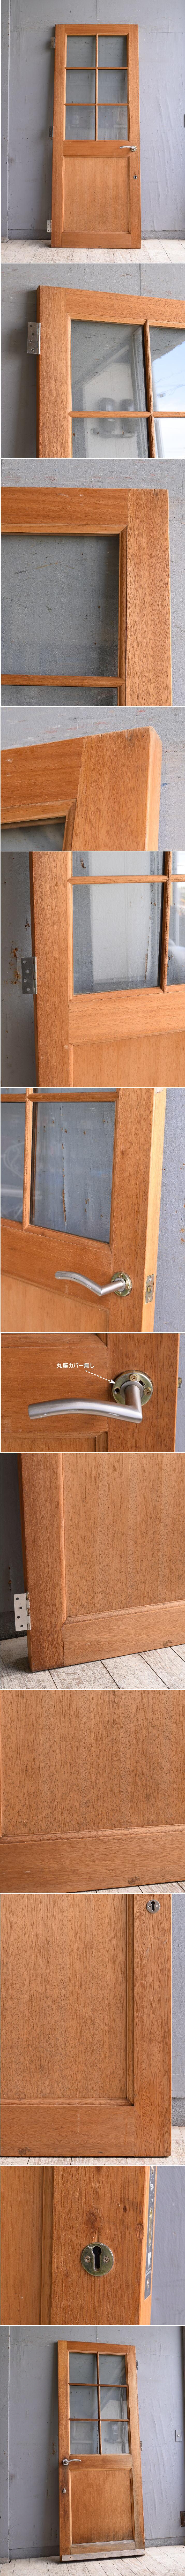 イギリス アンティーク ドア 扉 建具 10164